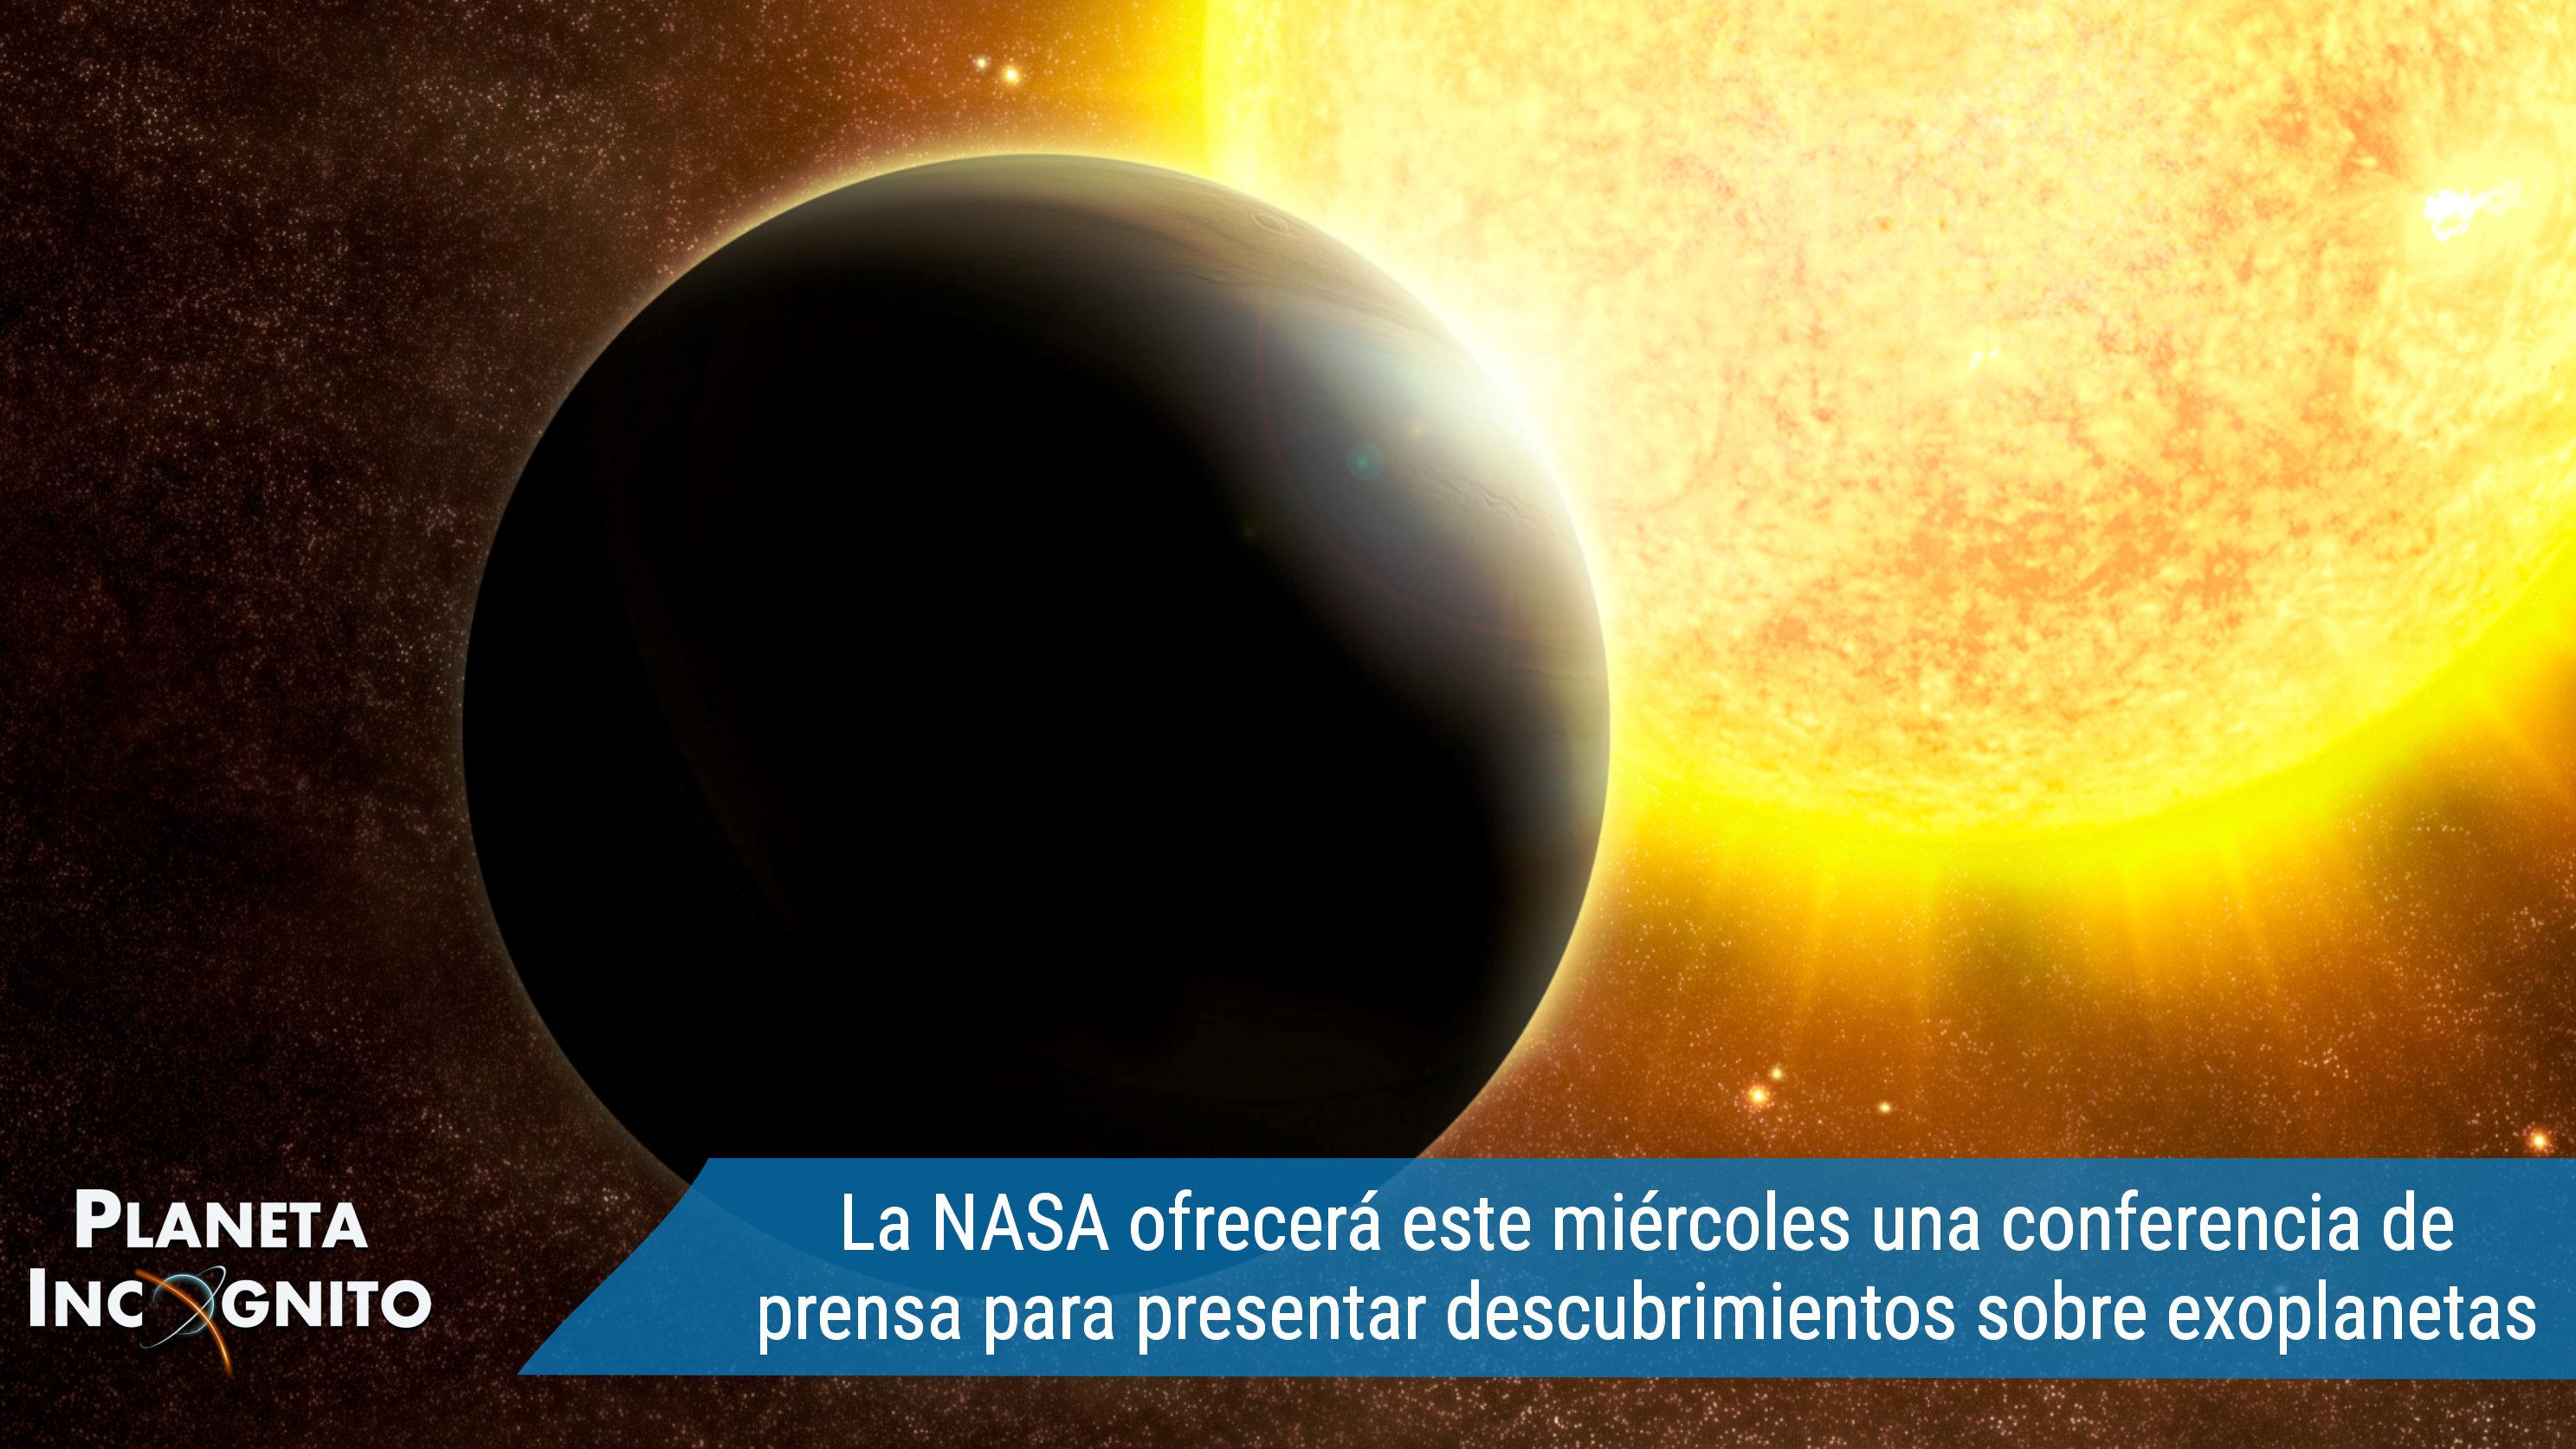 La NASA ofrecerá este miércoles una conferencia de prensa para presentar nuevos descubrimientos sobre exoplanetas 5